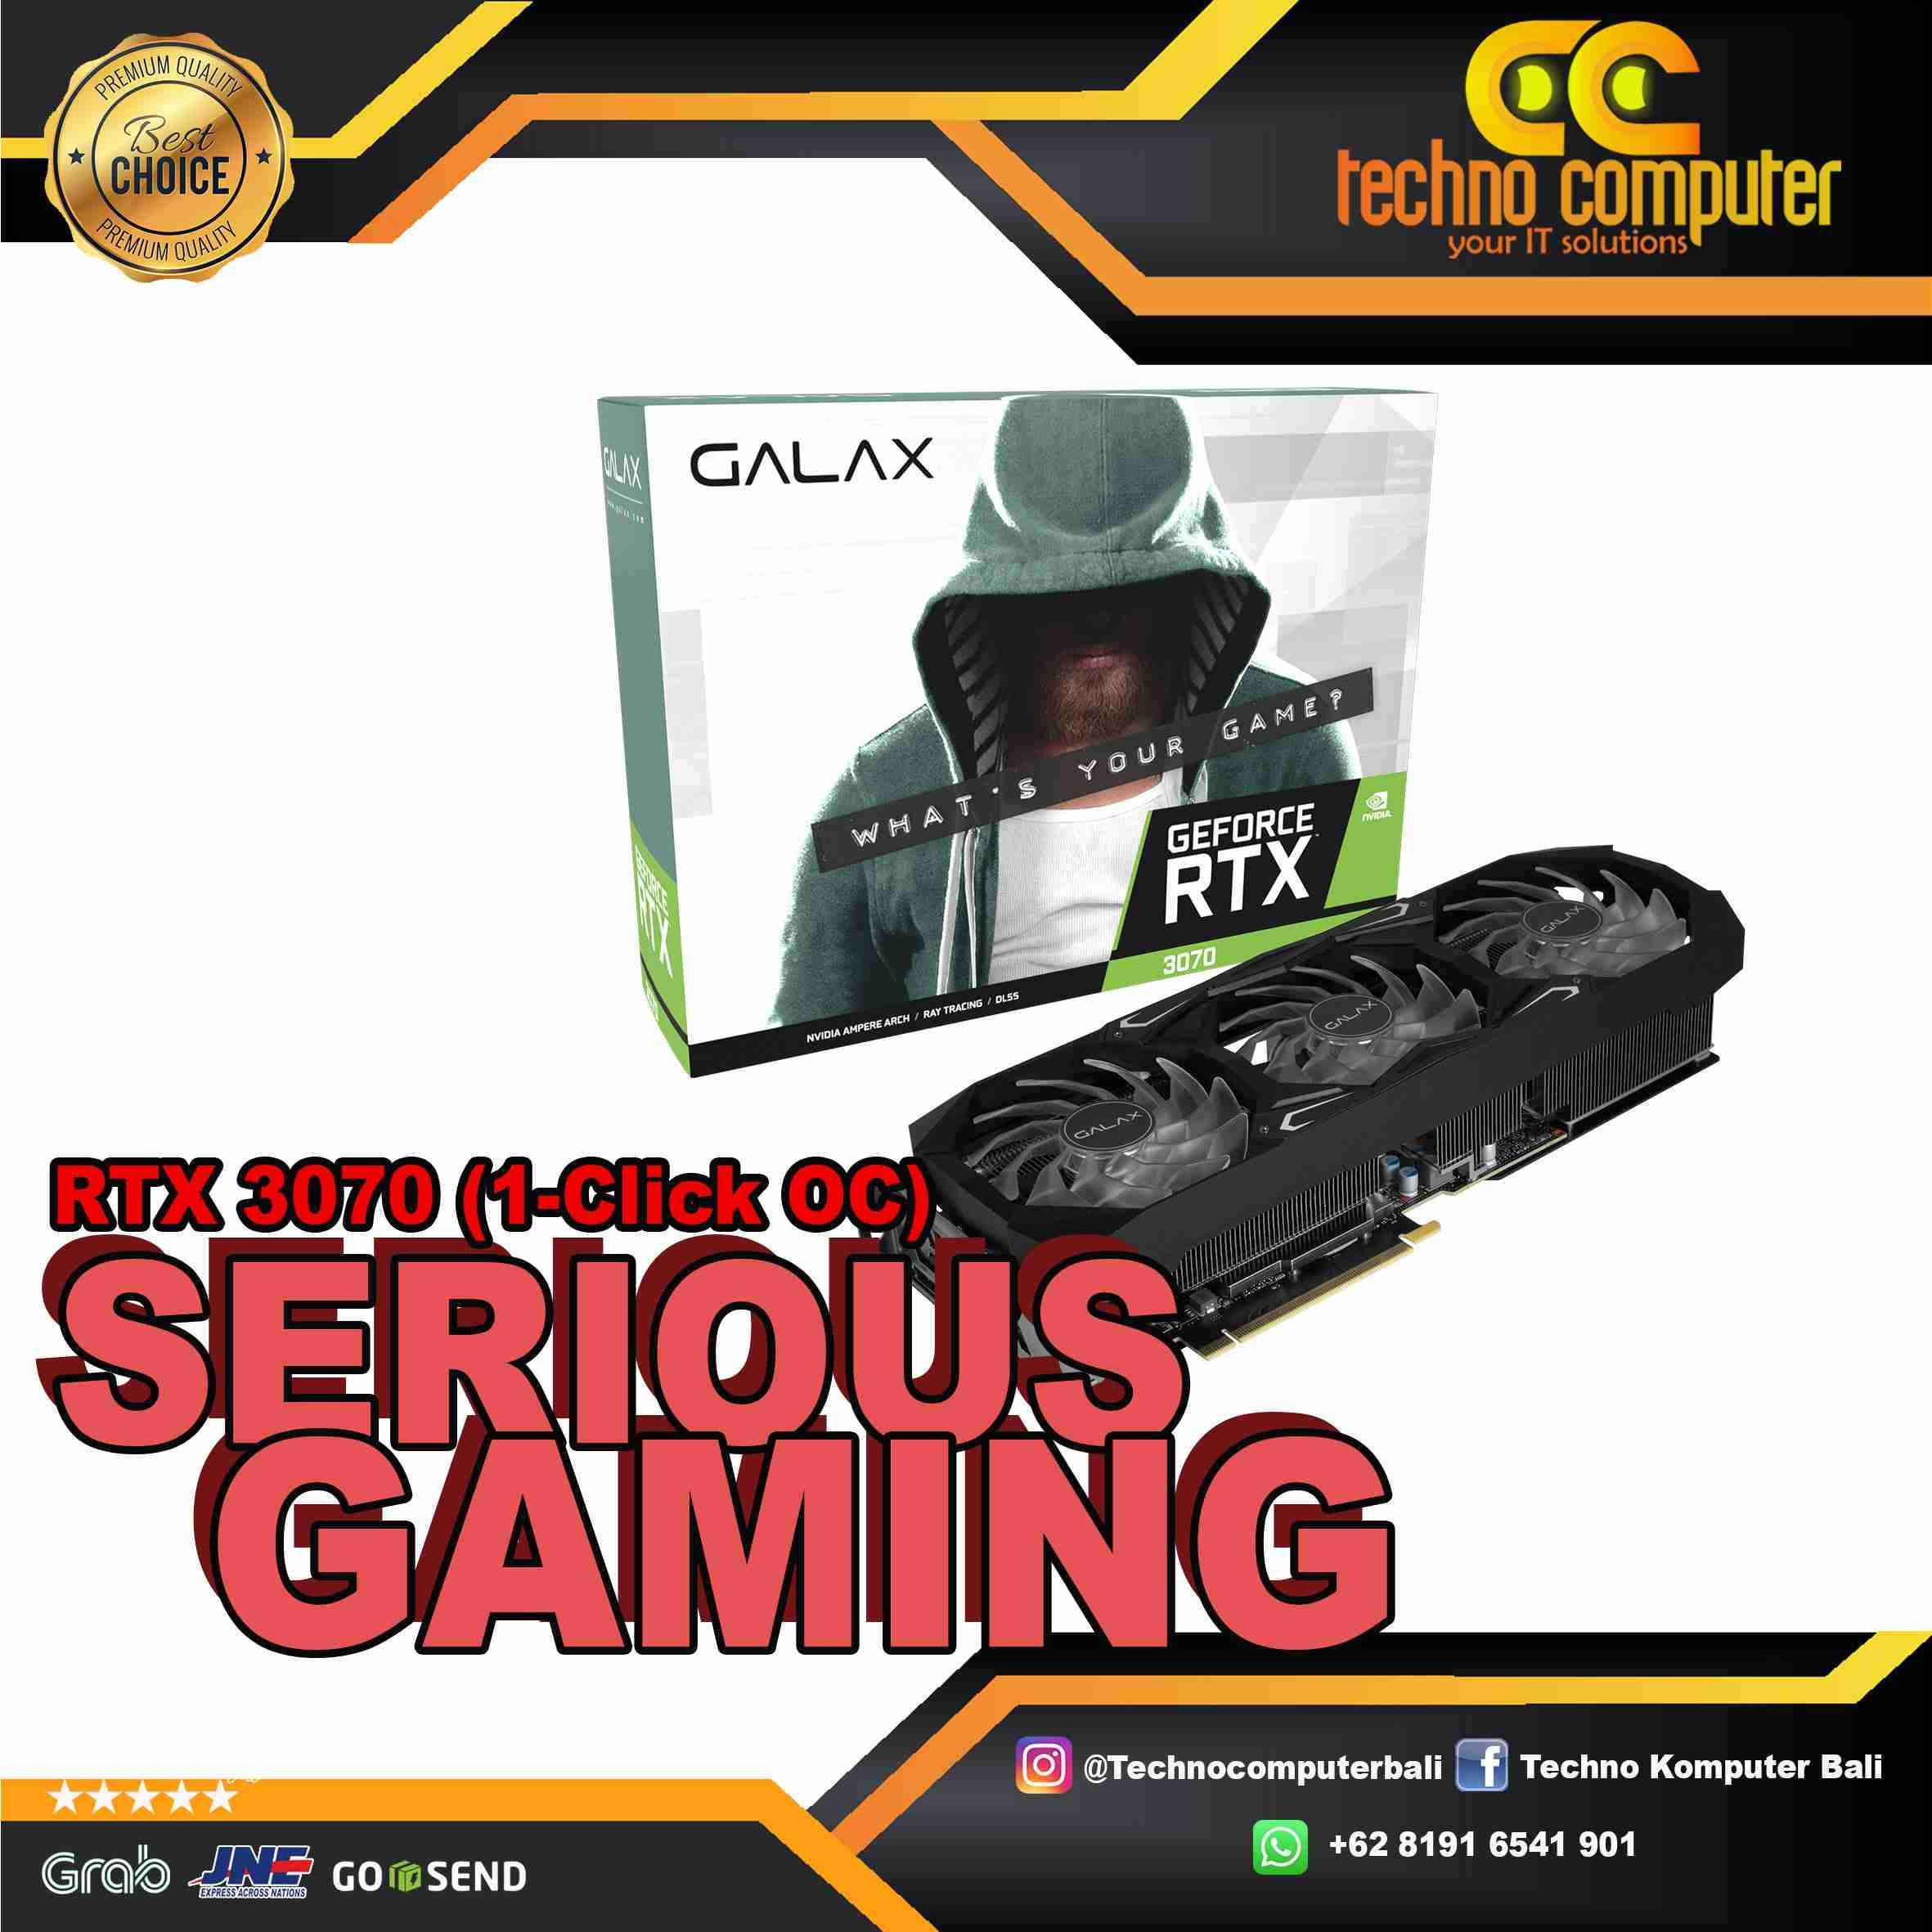 GALAX GeForce RTX 3070 SG (1-Click OC) 8GB GDDR6 256-bit   RTX3070